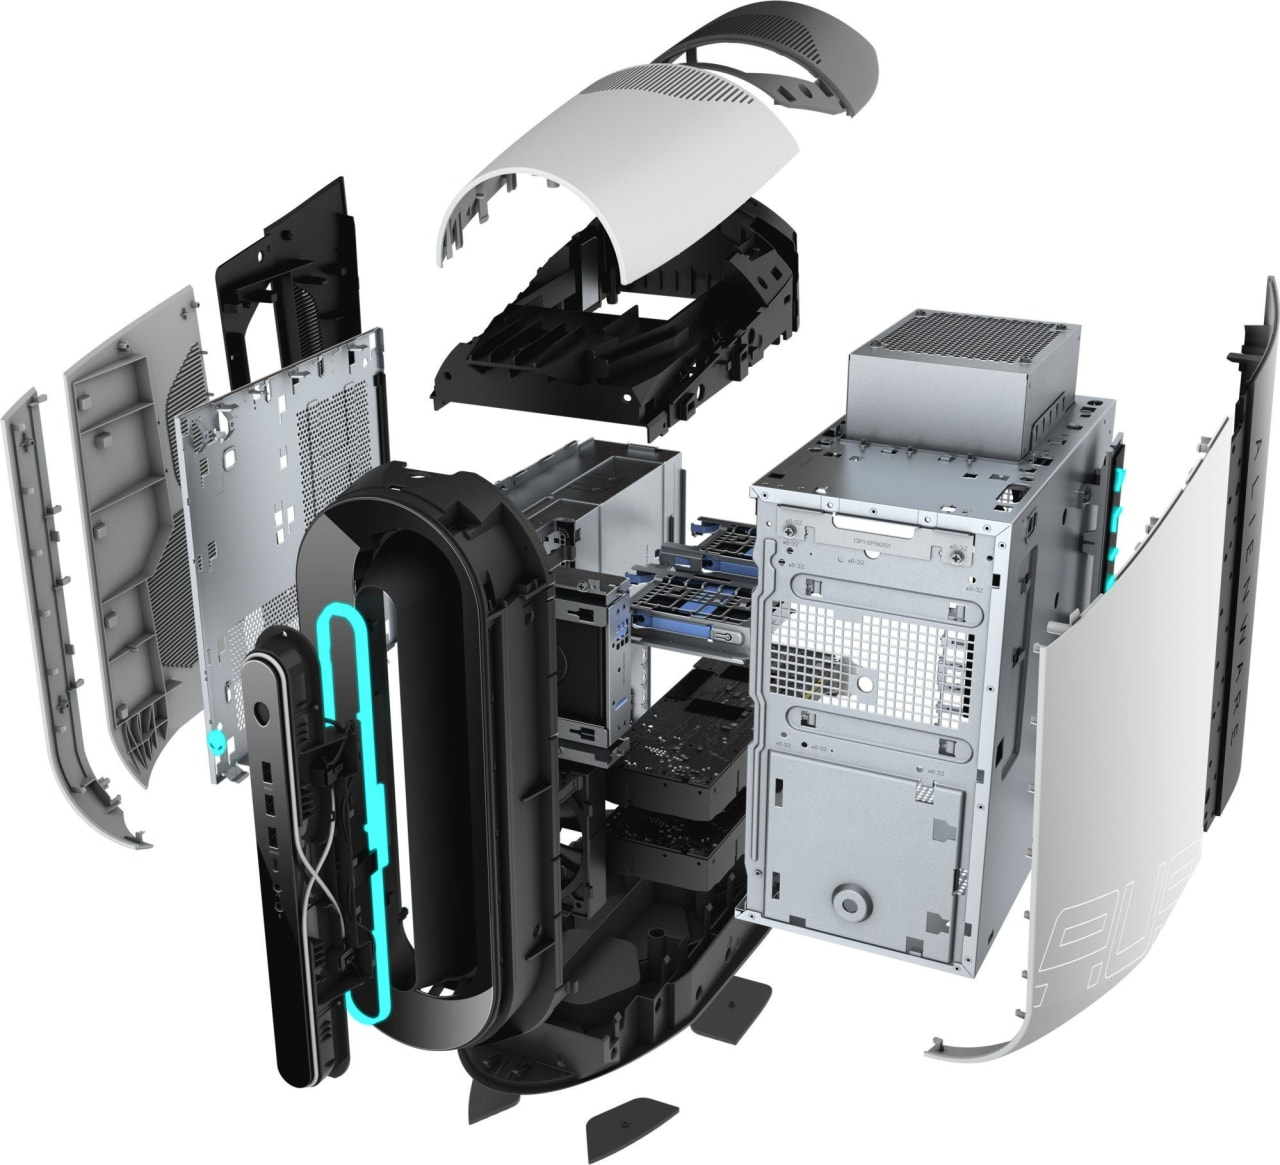 White / Silver Alienware Aurora R9.3